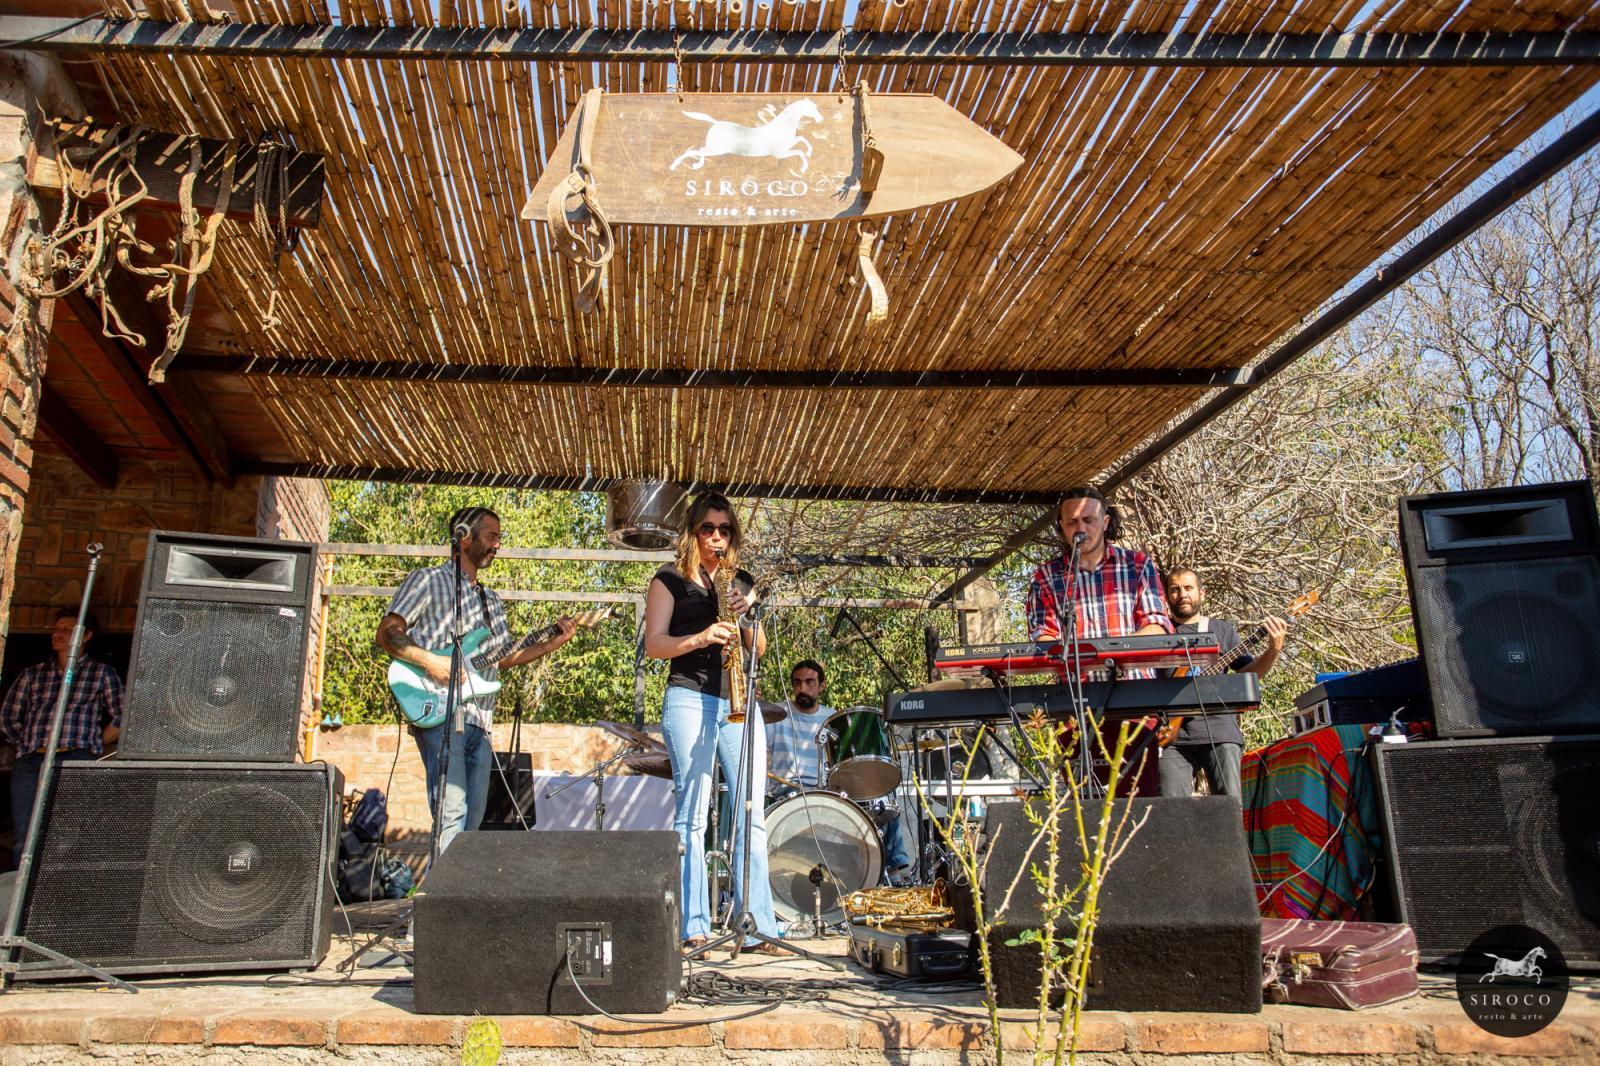 RESERVA PARA GRUPOS O EVENTOS EN  SIROCO RESTO @ ARTE SIROCO RESTO & ARTE